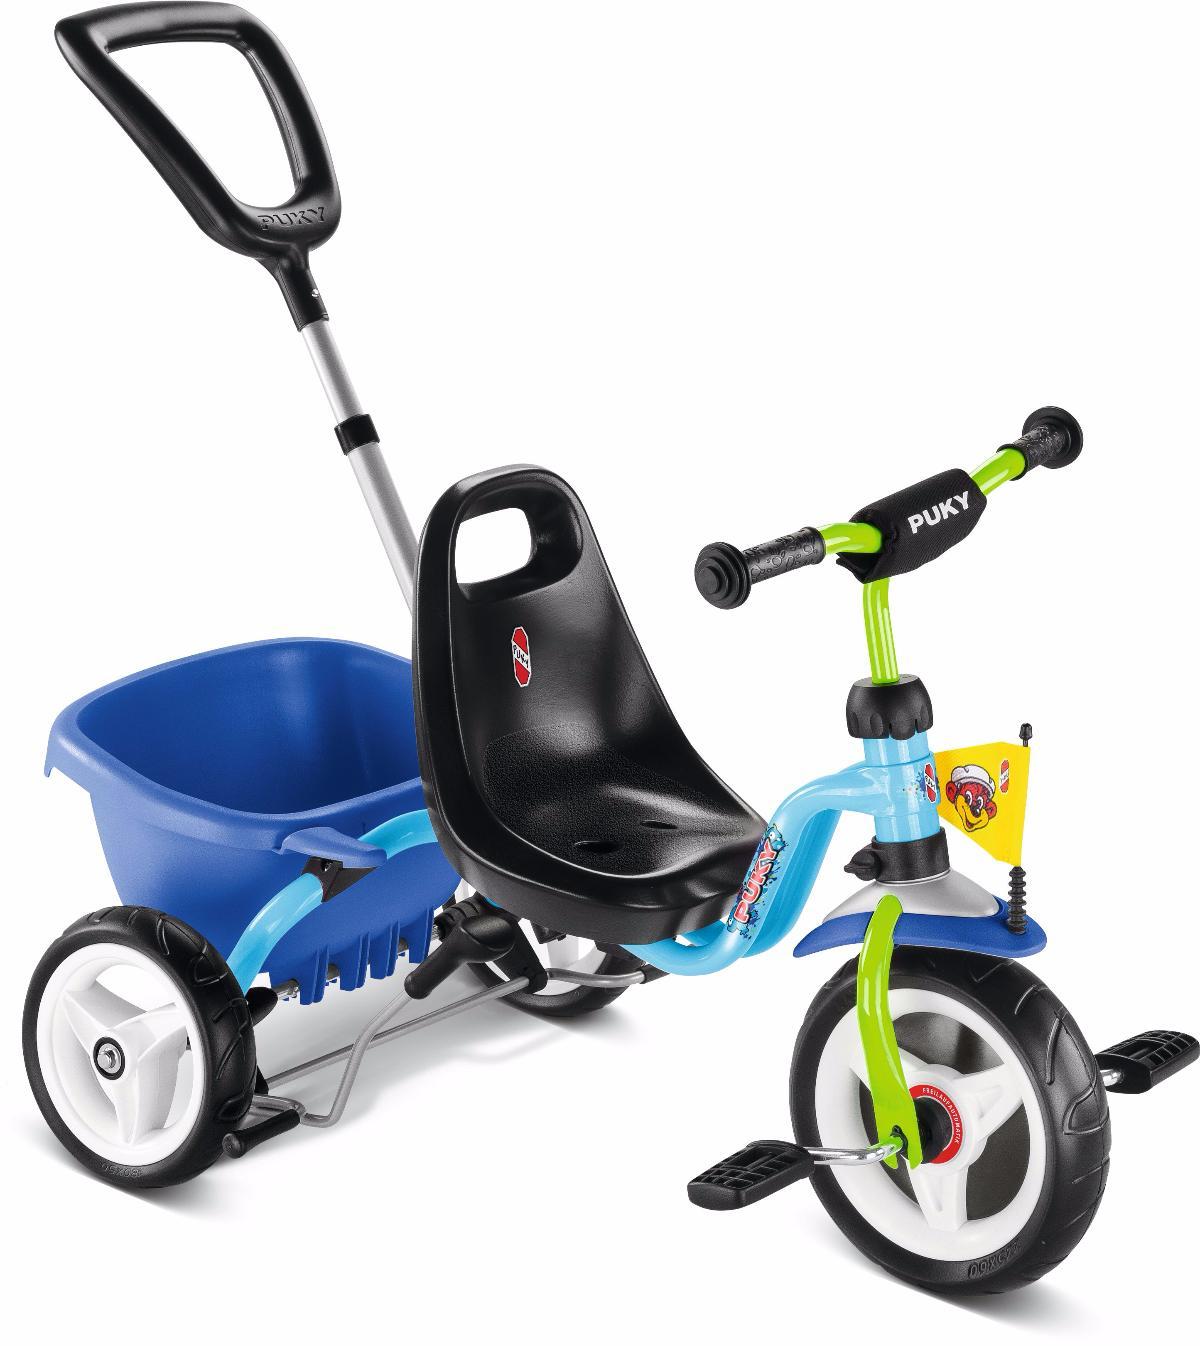 Велосипед Трехколесный Puky 2016 Cat 1 S Blue/kiwi